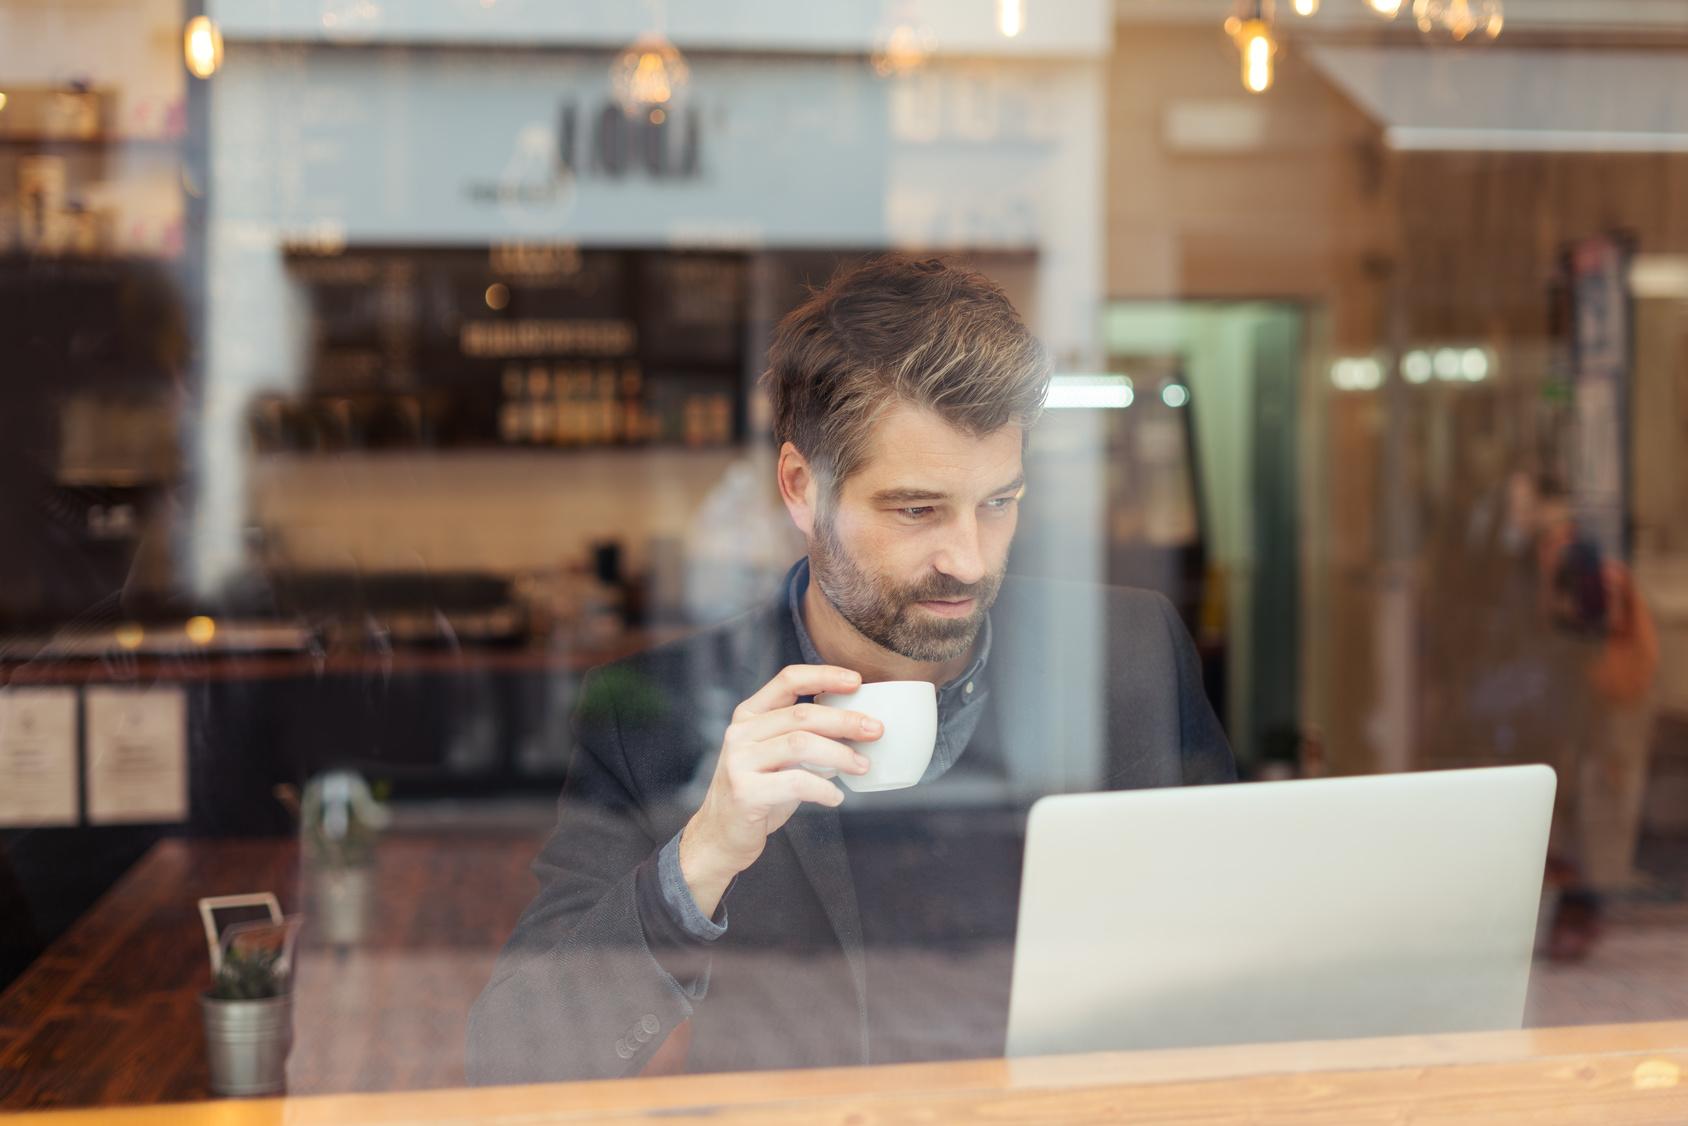 Work-Life-Balance: Ein Mann sitzt hinter einem Café-Fenster und arbeitet am Laptop. Er trinkt dabei Kaffee. Darstellung Work-Life-Balance